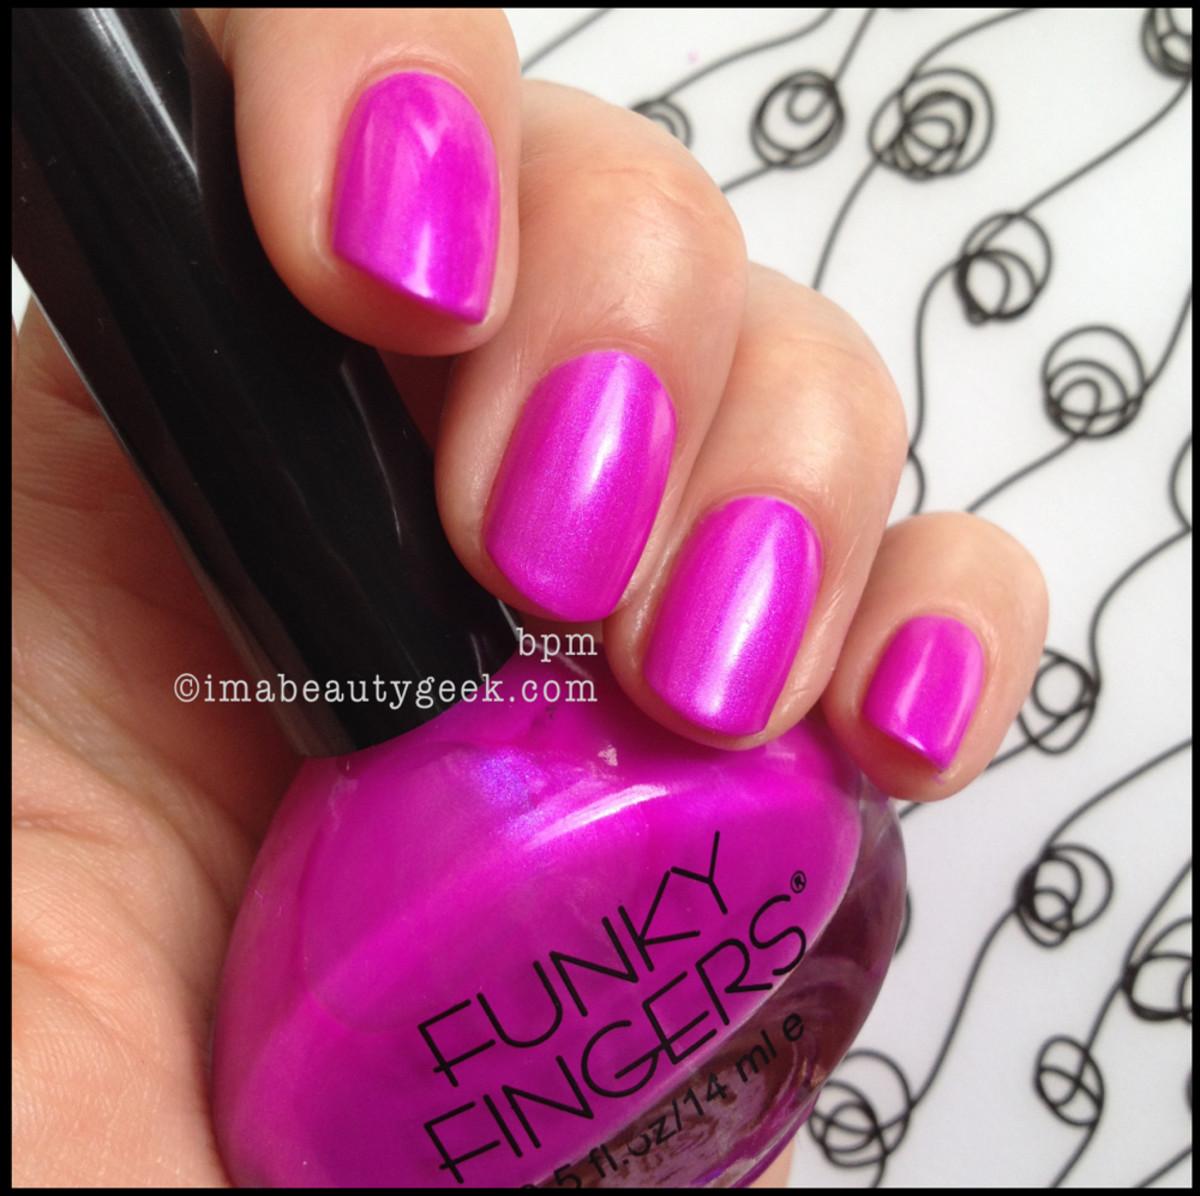 Funky Fingers BPM imabeautygeek